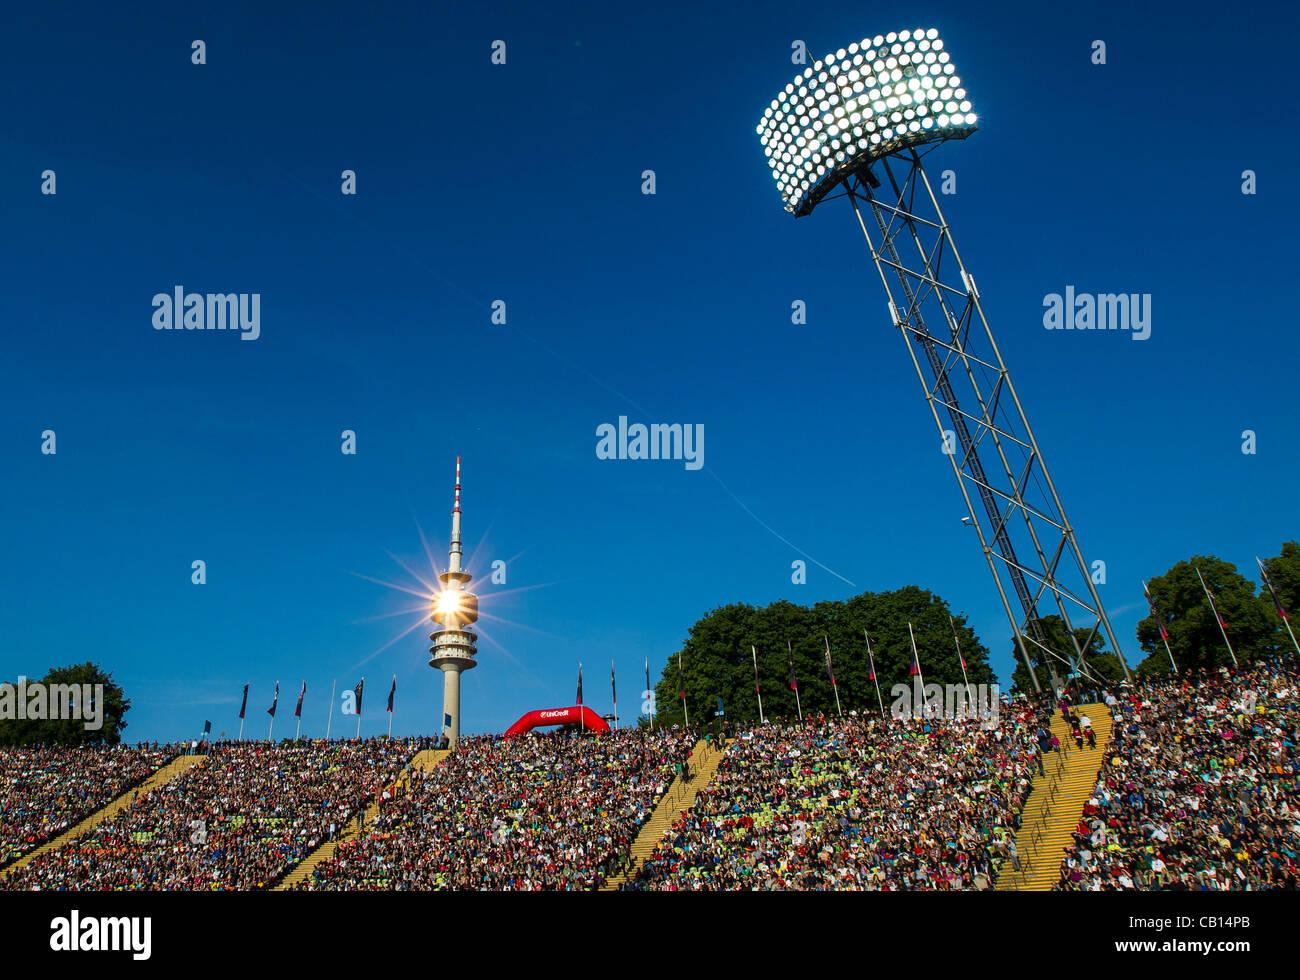 Olympiaturm und Stadion, Fussballstadion, Tribuene, Innenansicht, Lichtmast, Energie, Scheinwerfer, Fluter, Licht, - Stock Image